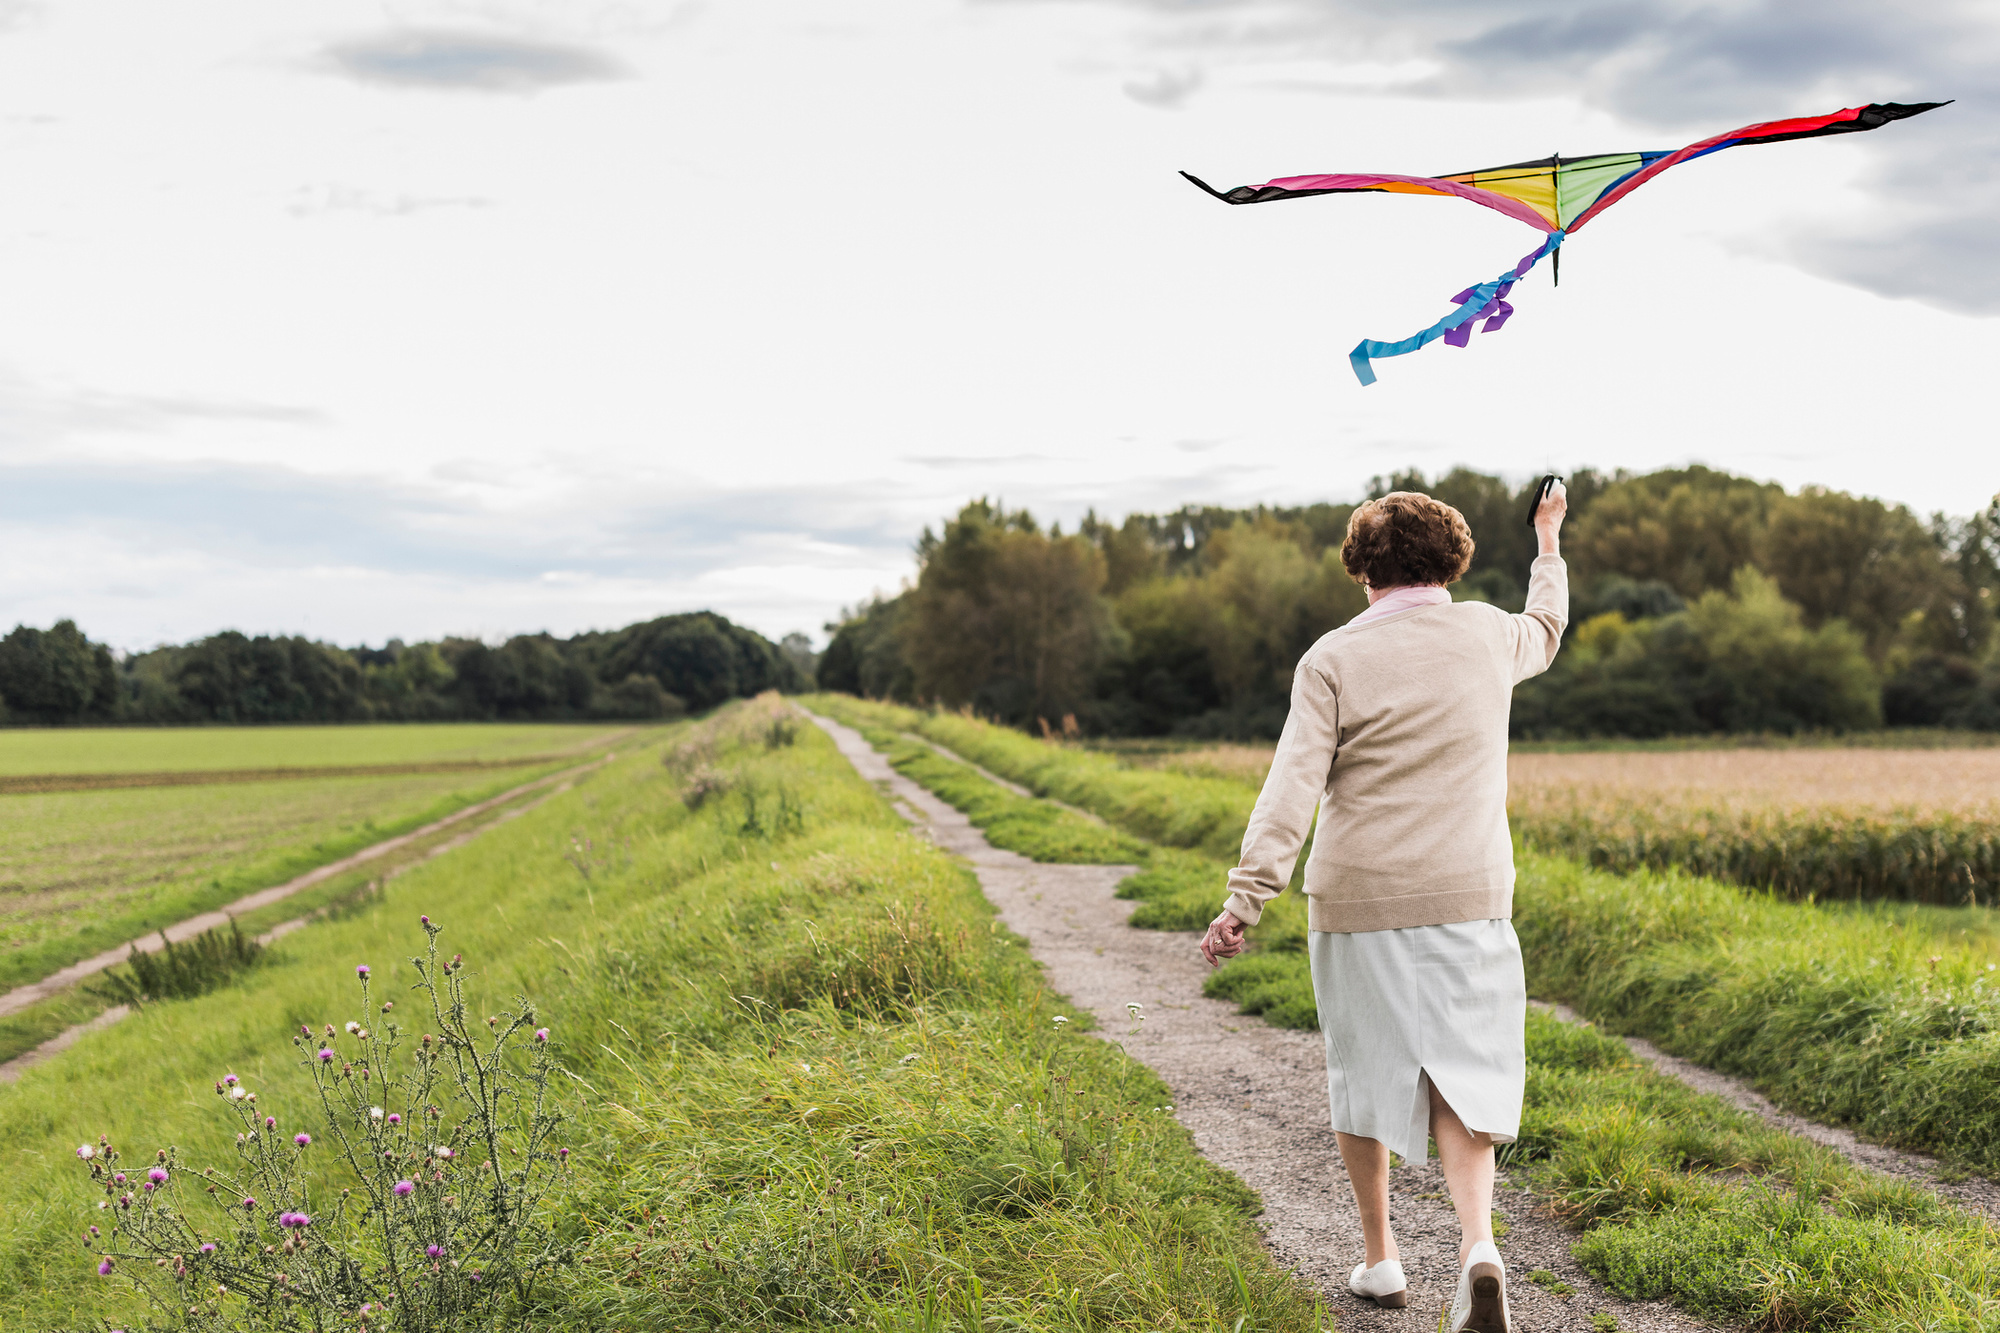 Bejaarde vrouw laat een vlieger op., Getty Images/iStock